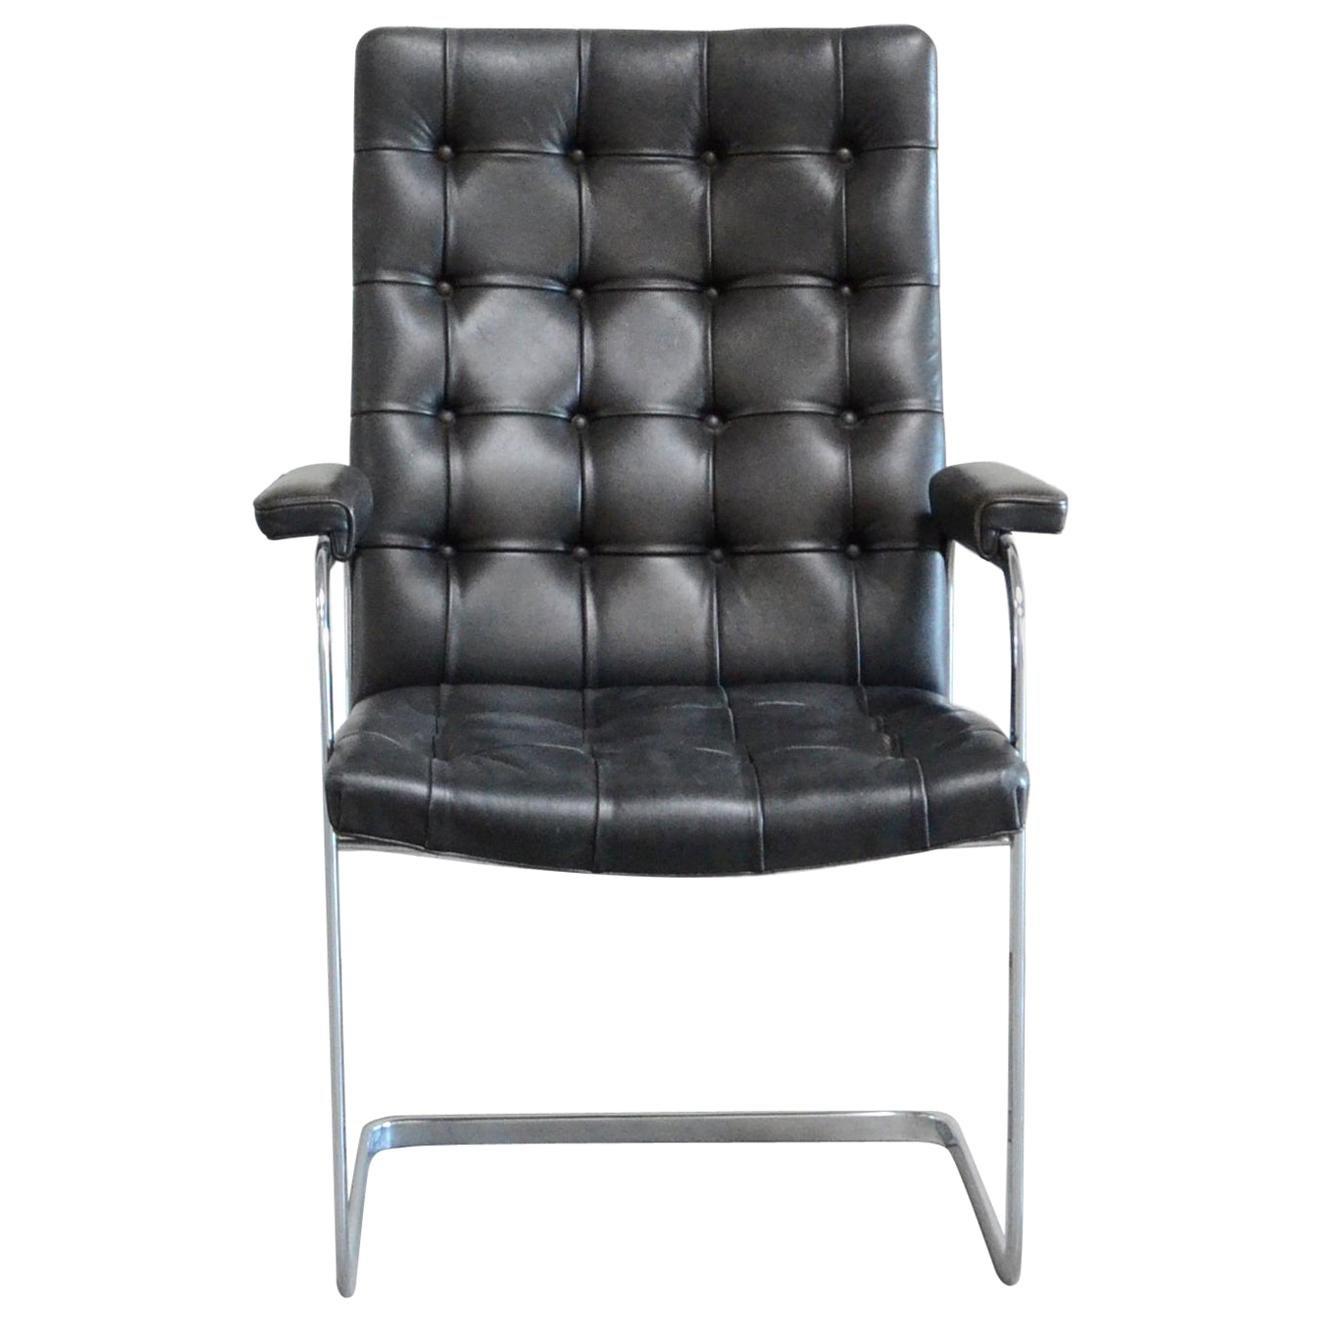 Robert Haussmann De Sede Rh 305 High Back Chair Black